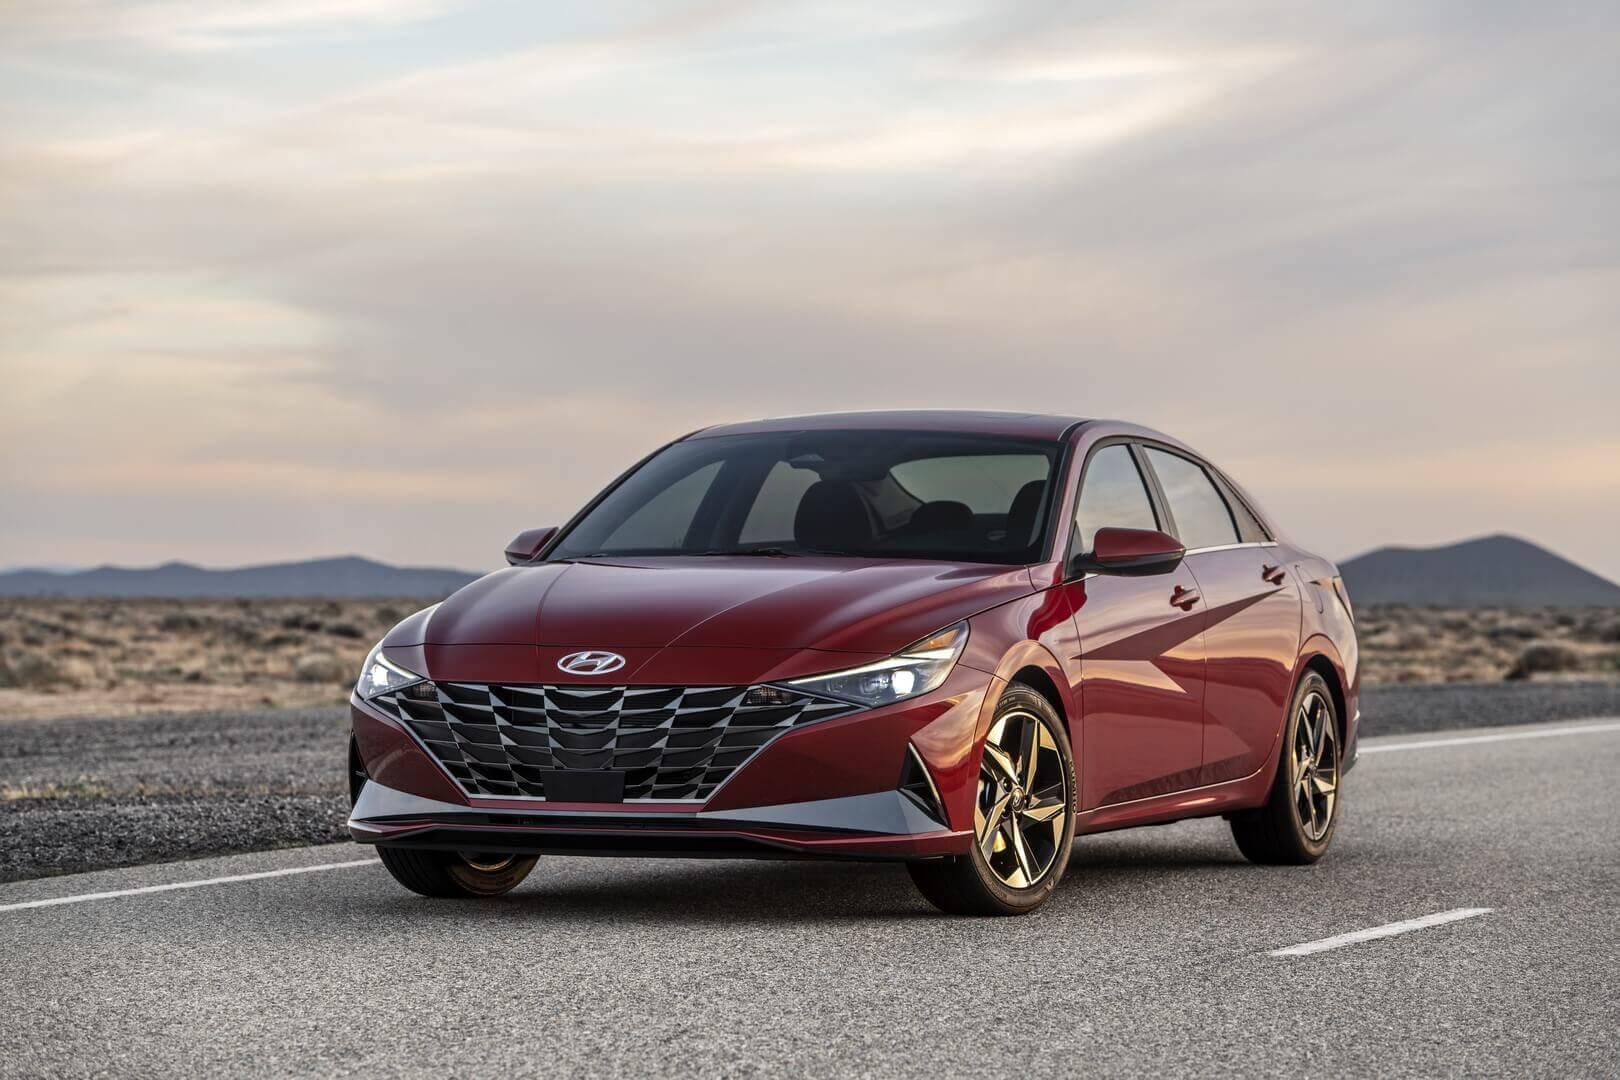 Бизнес-седан Hyundai Elantra седьмого поколения получило гибридный привод